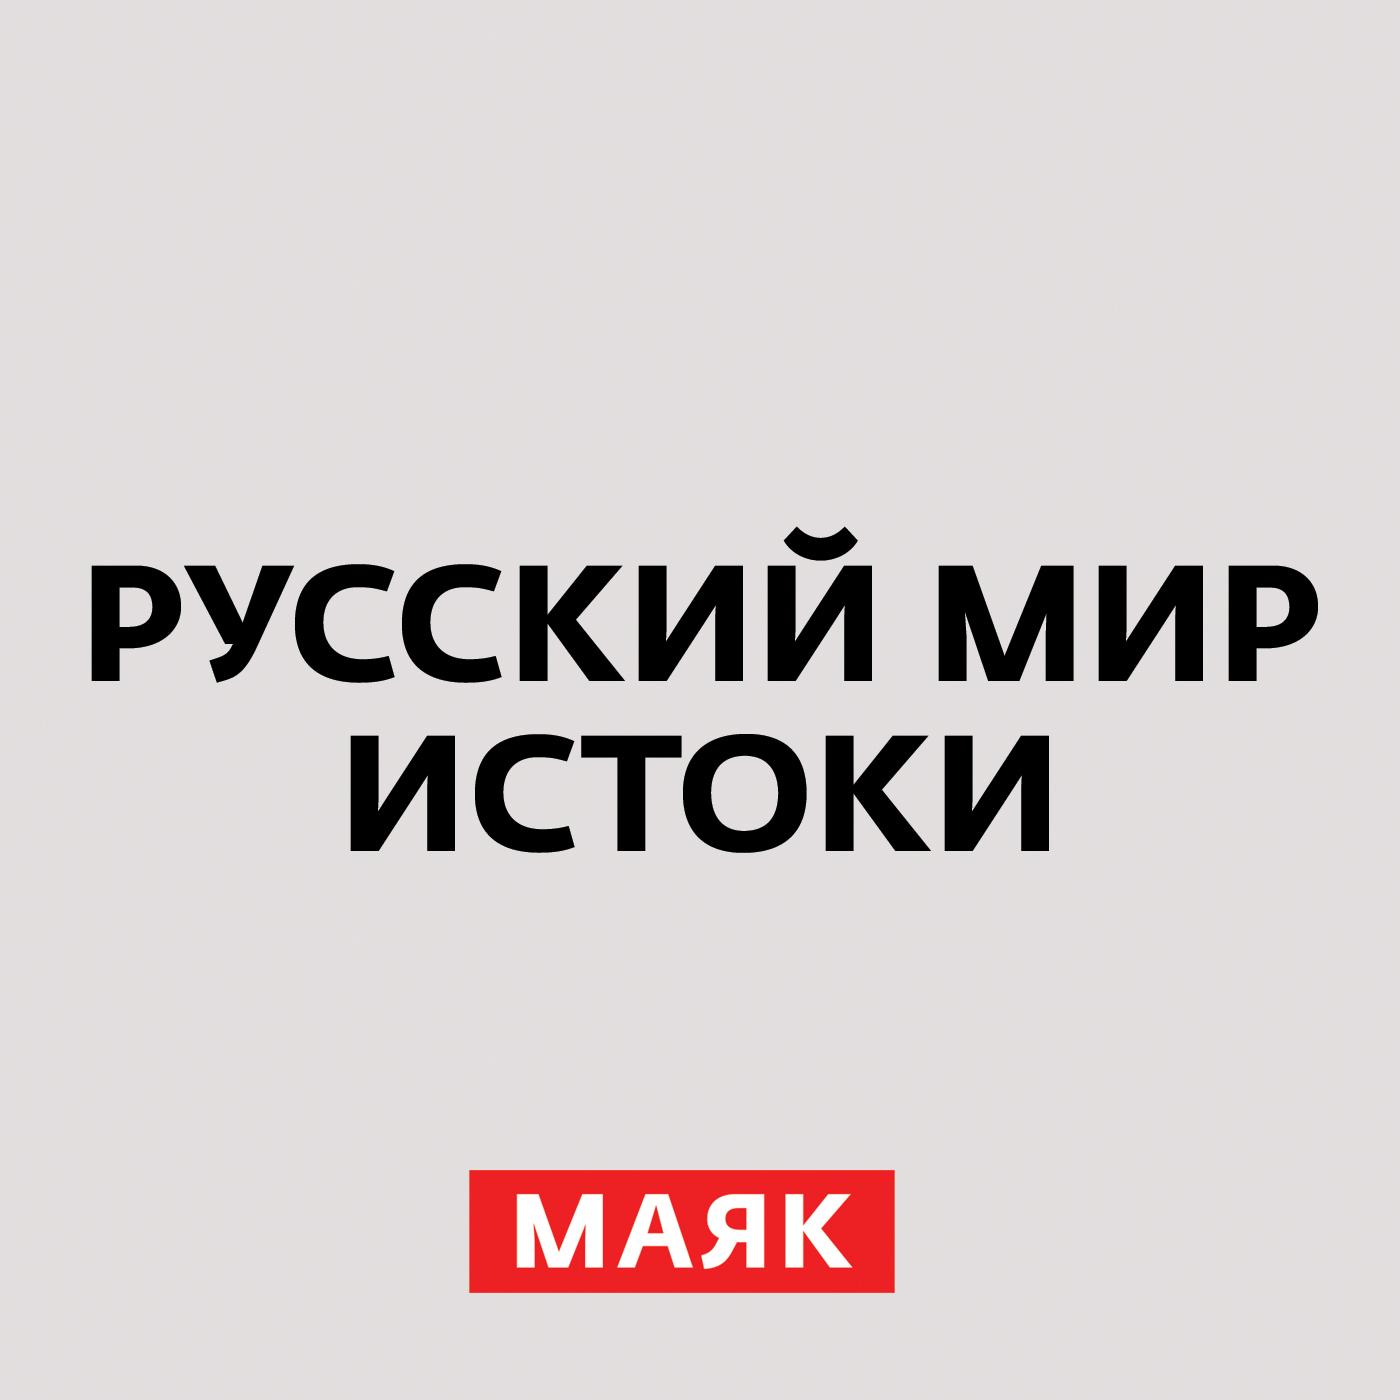 Творческий коллектив радио «Маяк» Екатерина II (часть 8) творческий коллектив радио маяк екатерина ii часть 3